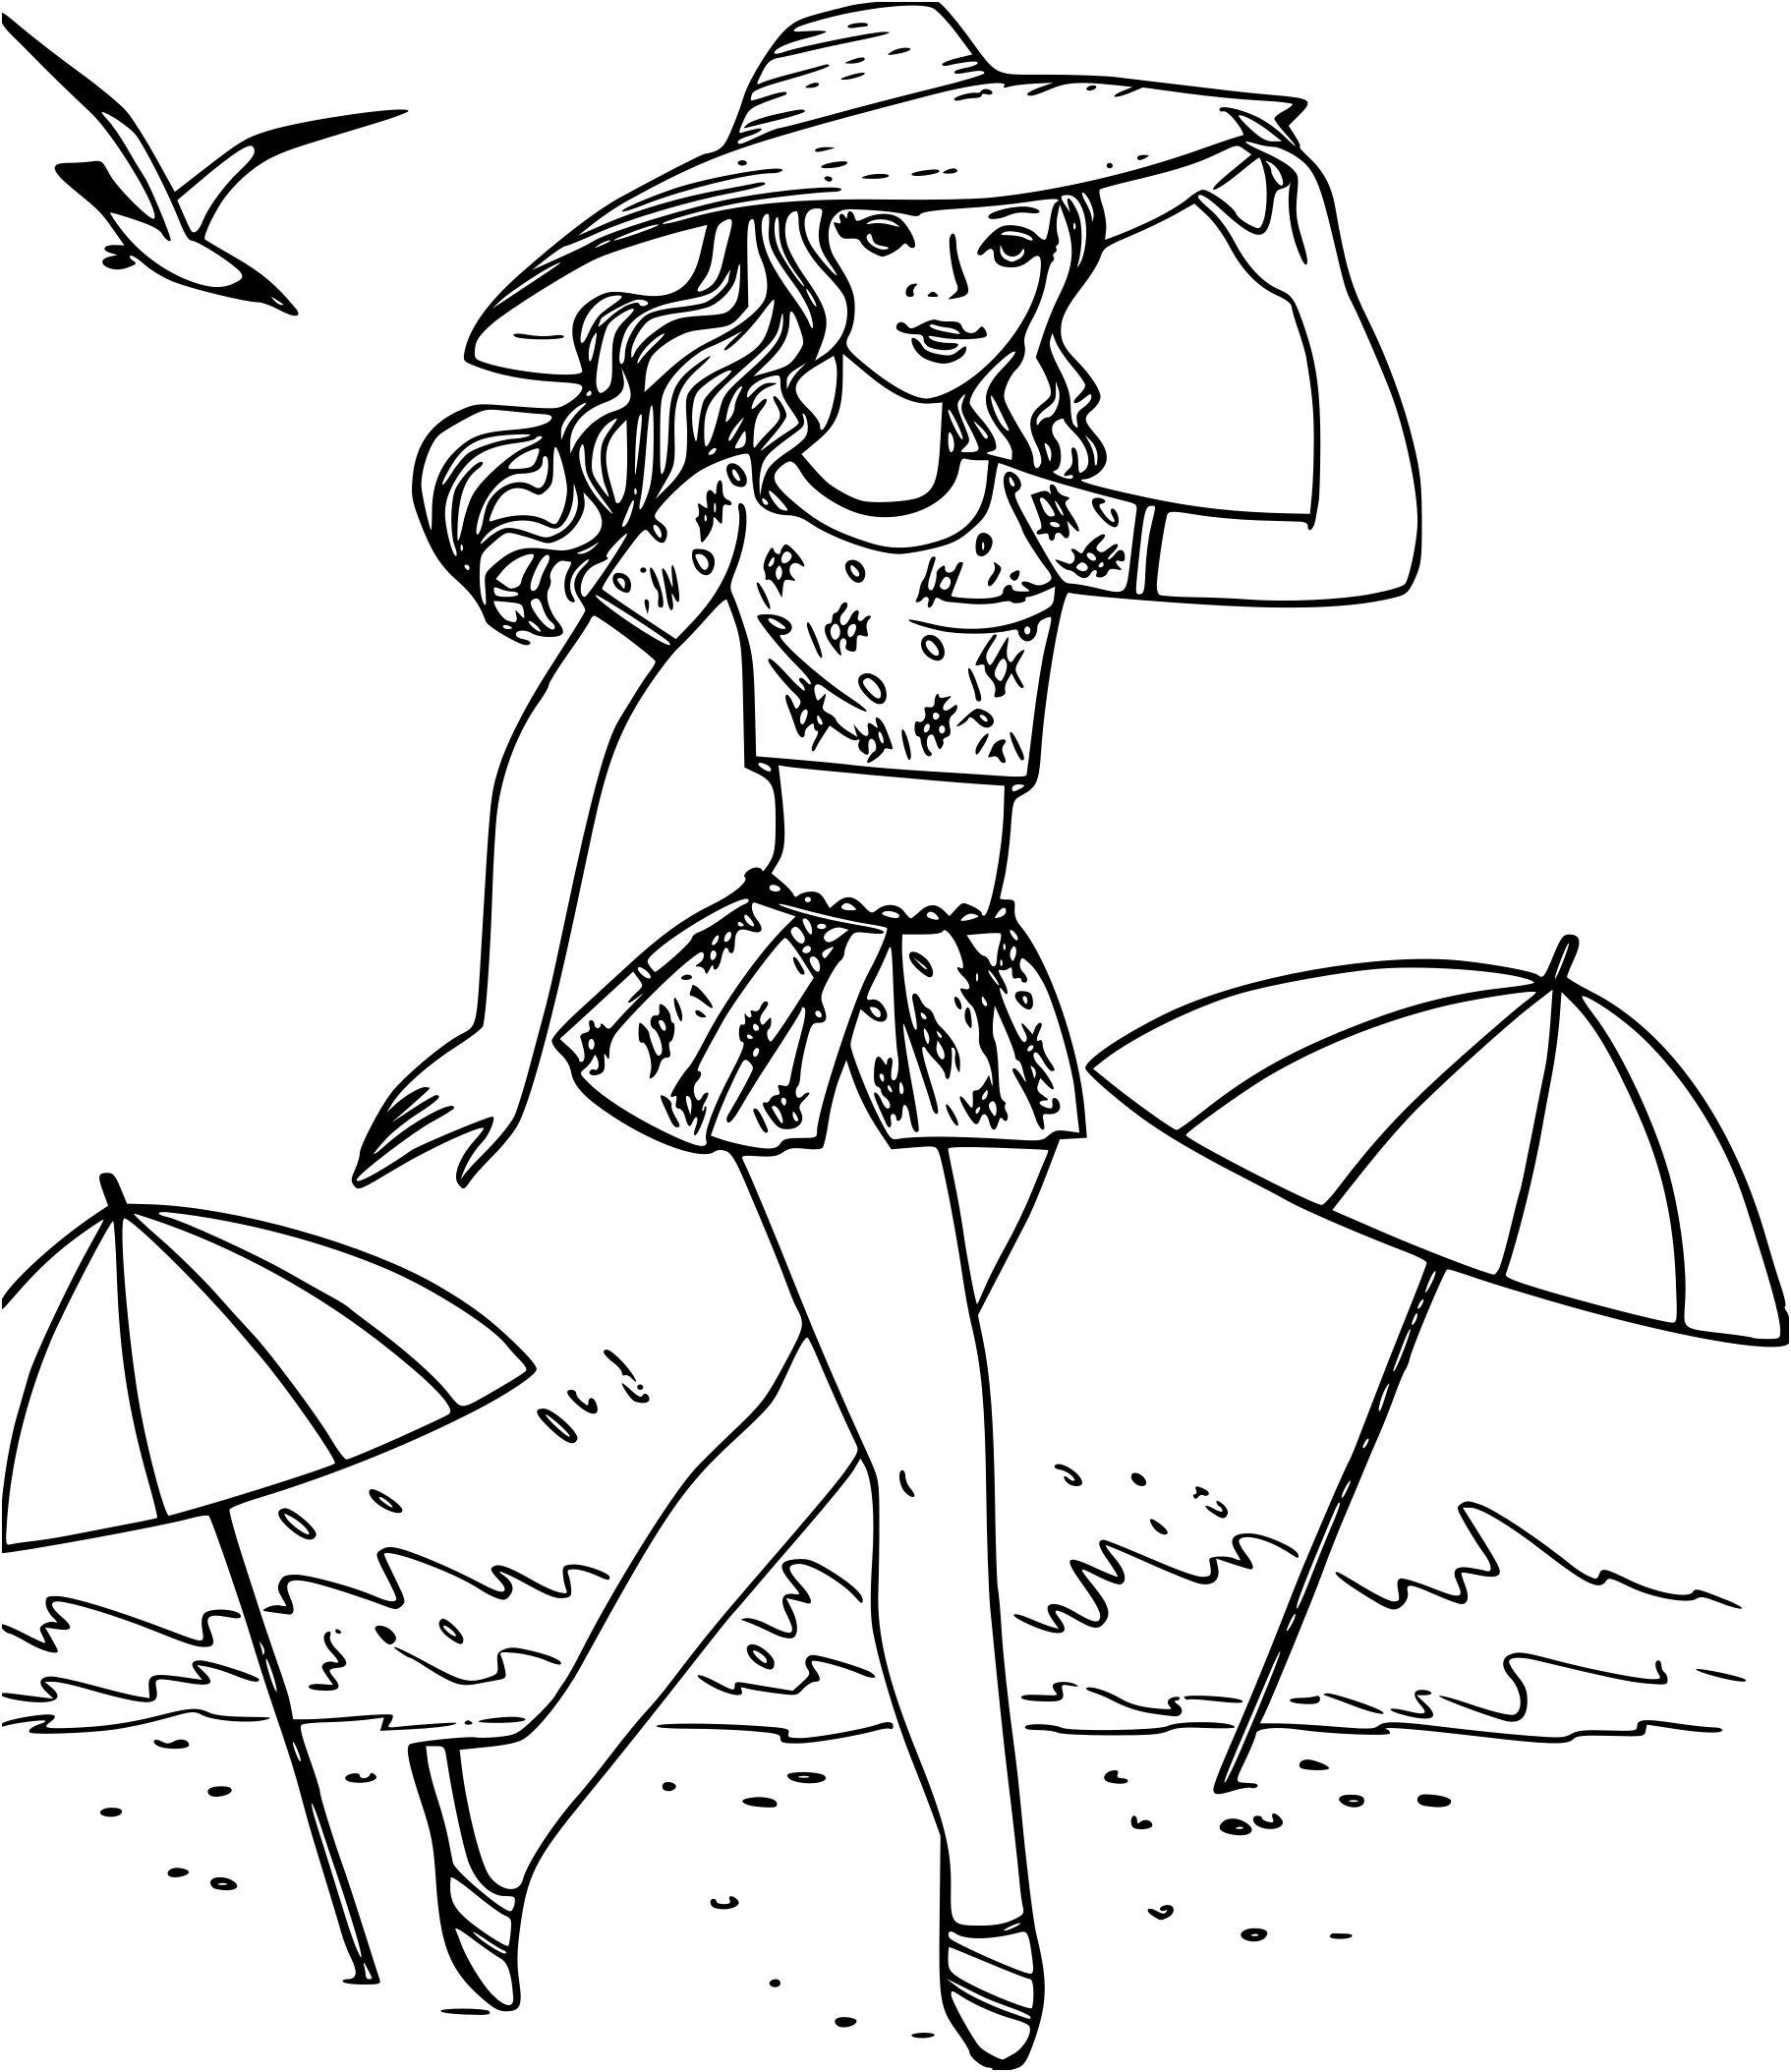 17 Aimable Jeux De Coloriage De Fille Pictures   Barbie coloring pages, Beach coloring pages ...